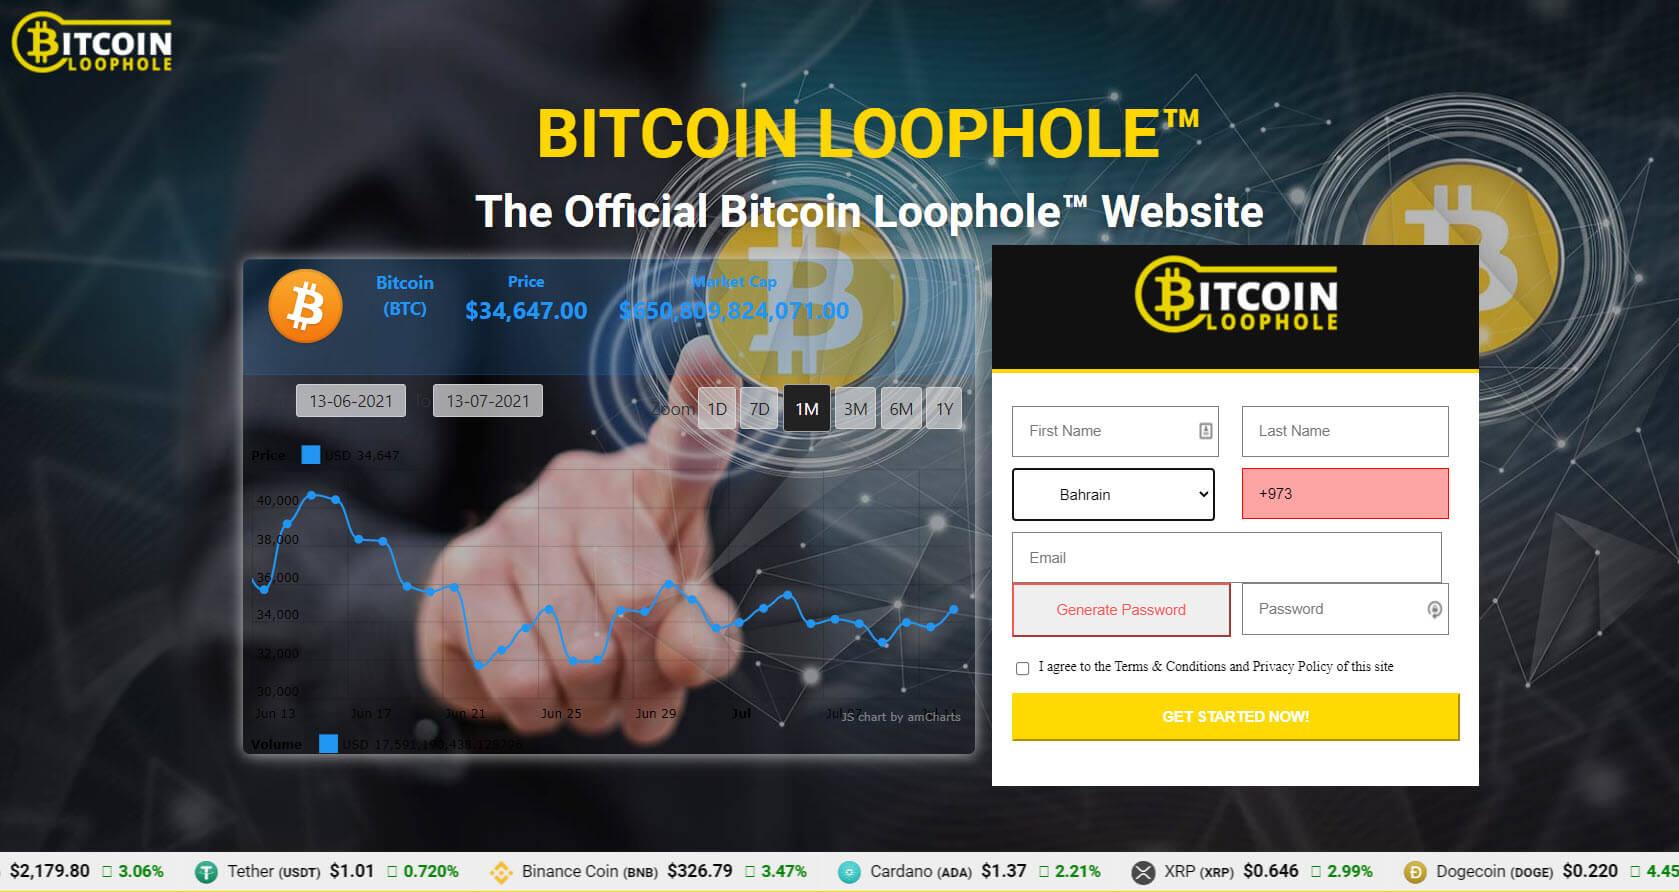 calcolatrice perdita di profitto bitcoin metatrader 5 crypto